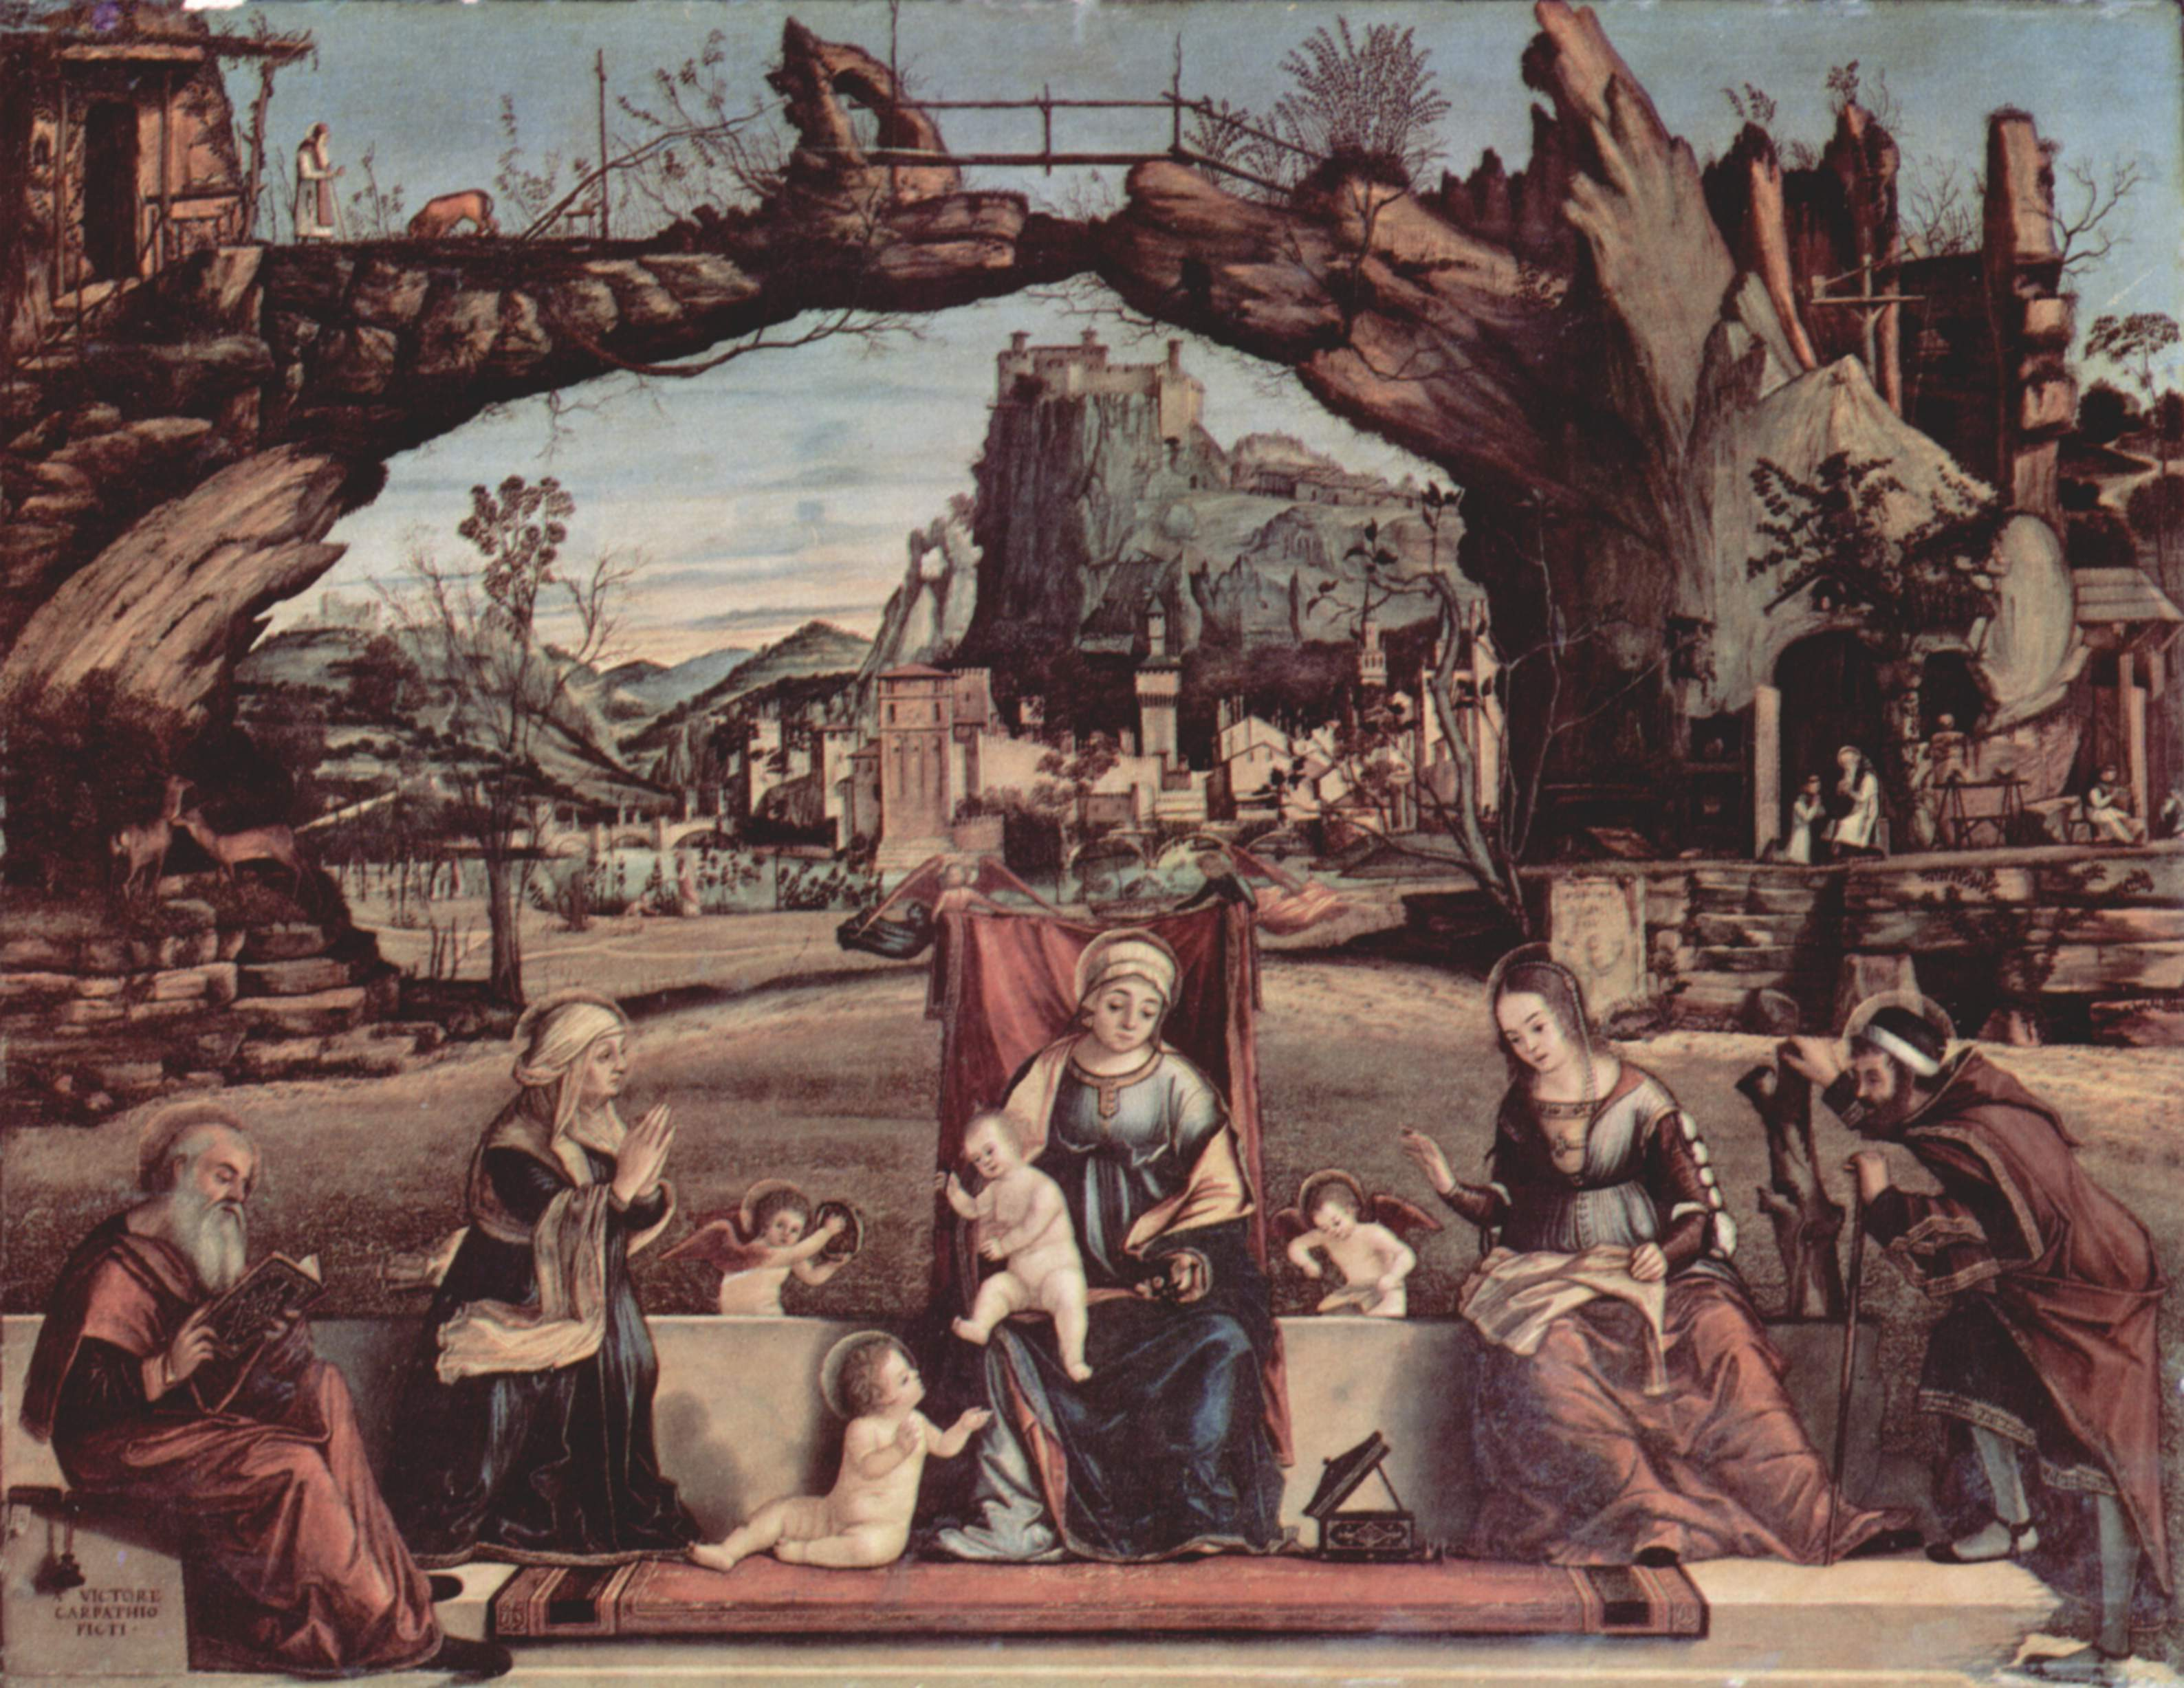 Мадонна на троне и Иоанн Креститель, слева  св. Иосиф и св. Анна, справа  св. Елизавета и св. Захари, Витторе Карпаччо